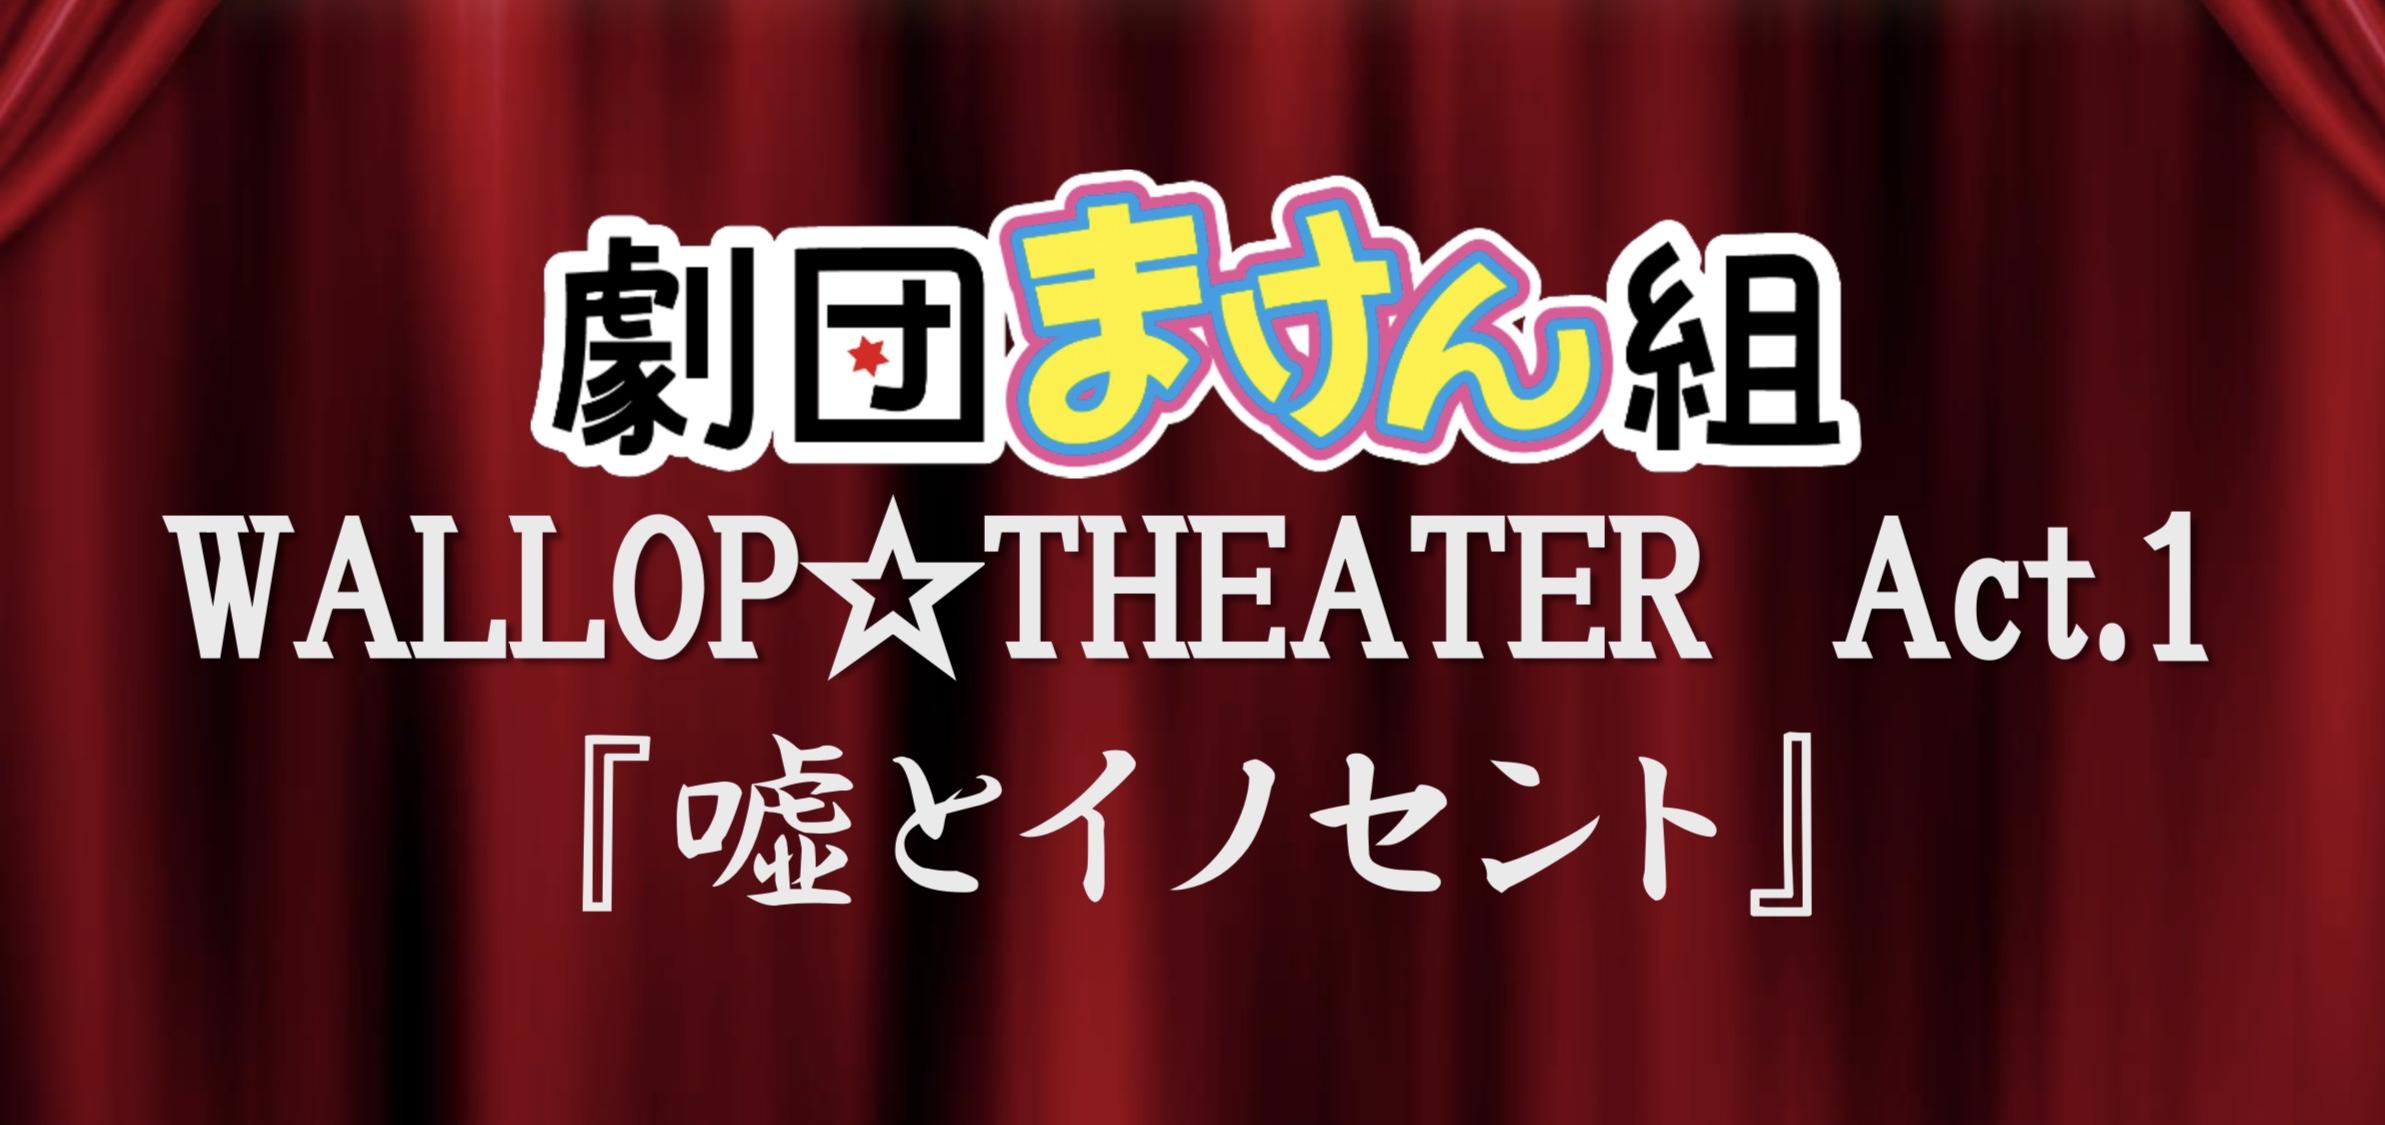 劇団まけん組 WALLOP☆THEATER『嘘とイノセント』